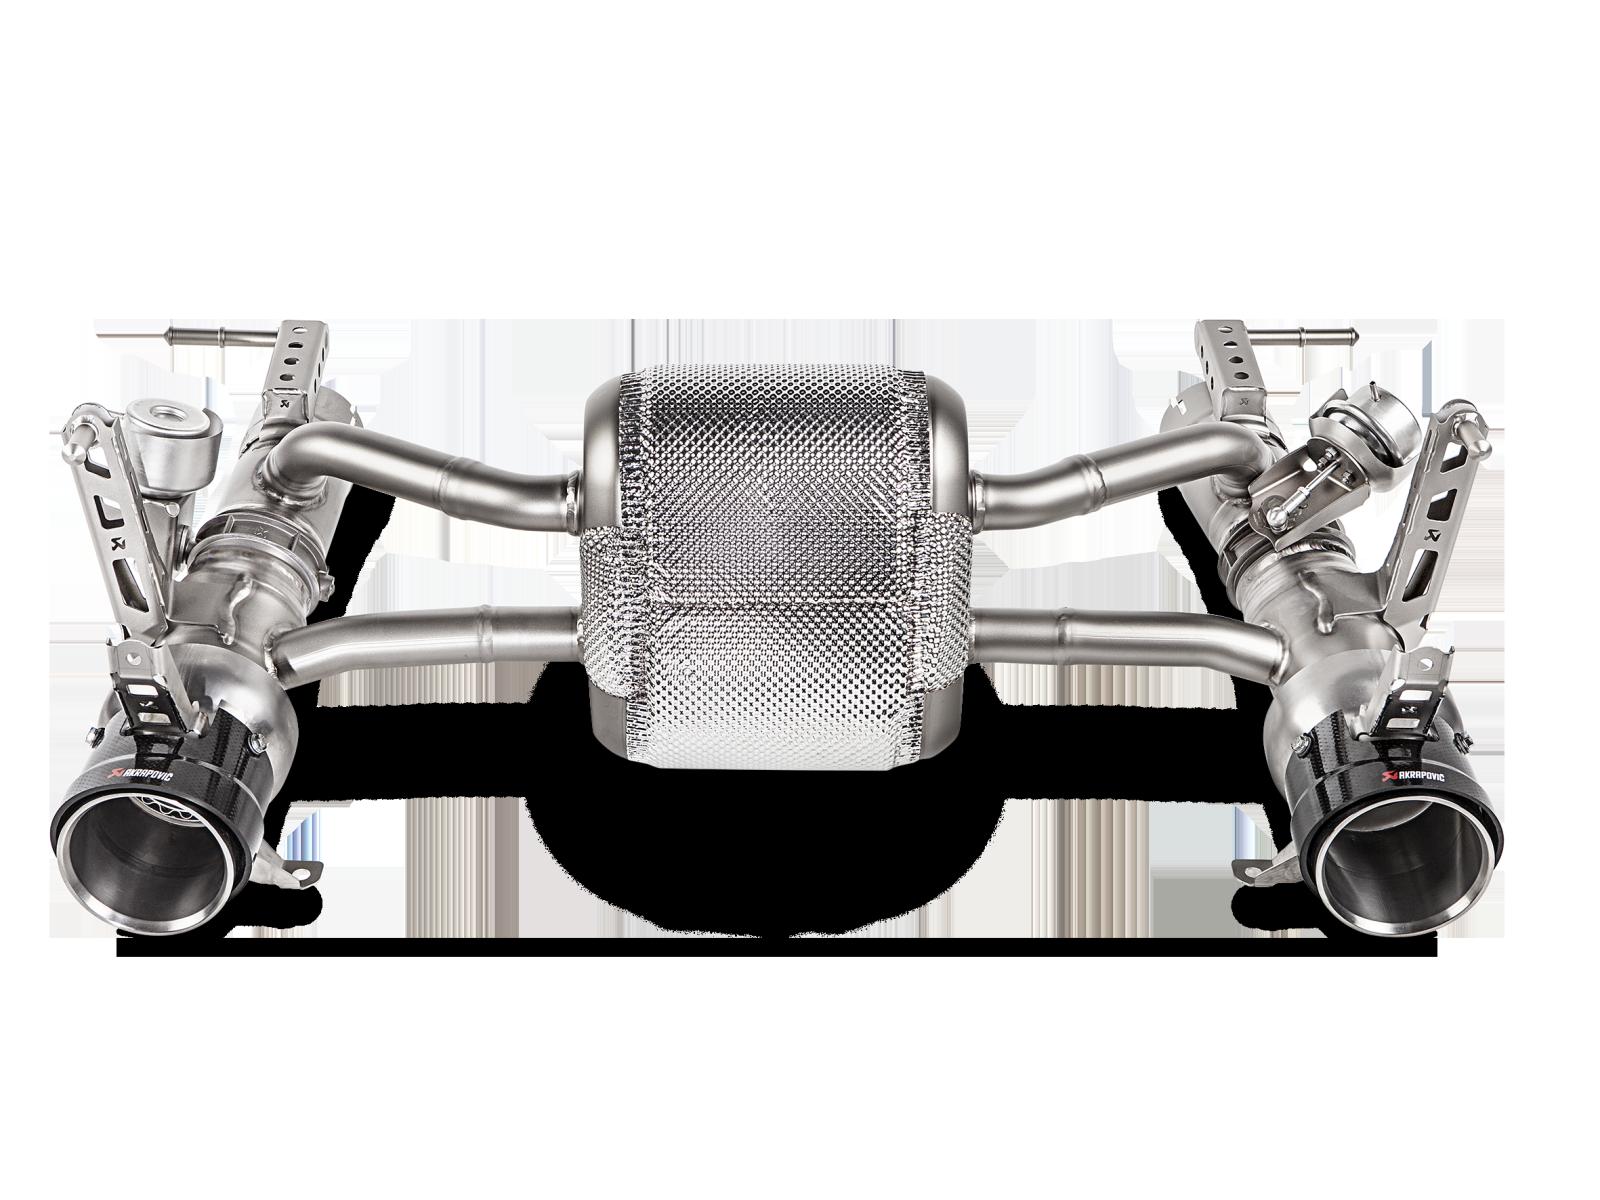 Ferrari 488 Gtb 488 Spider 2018 Slip On Line Titanium Akrapovic Car Exhaust